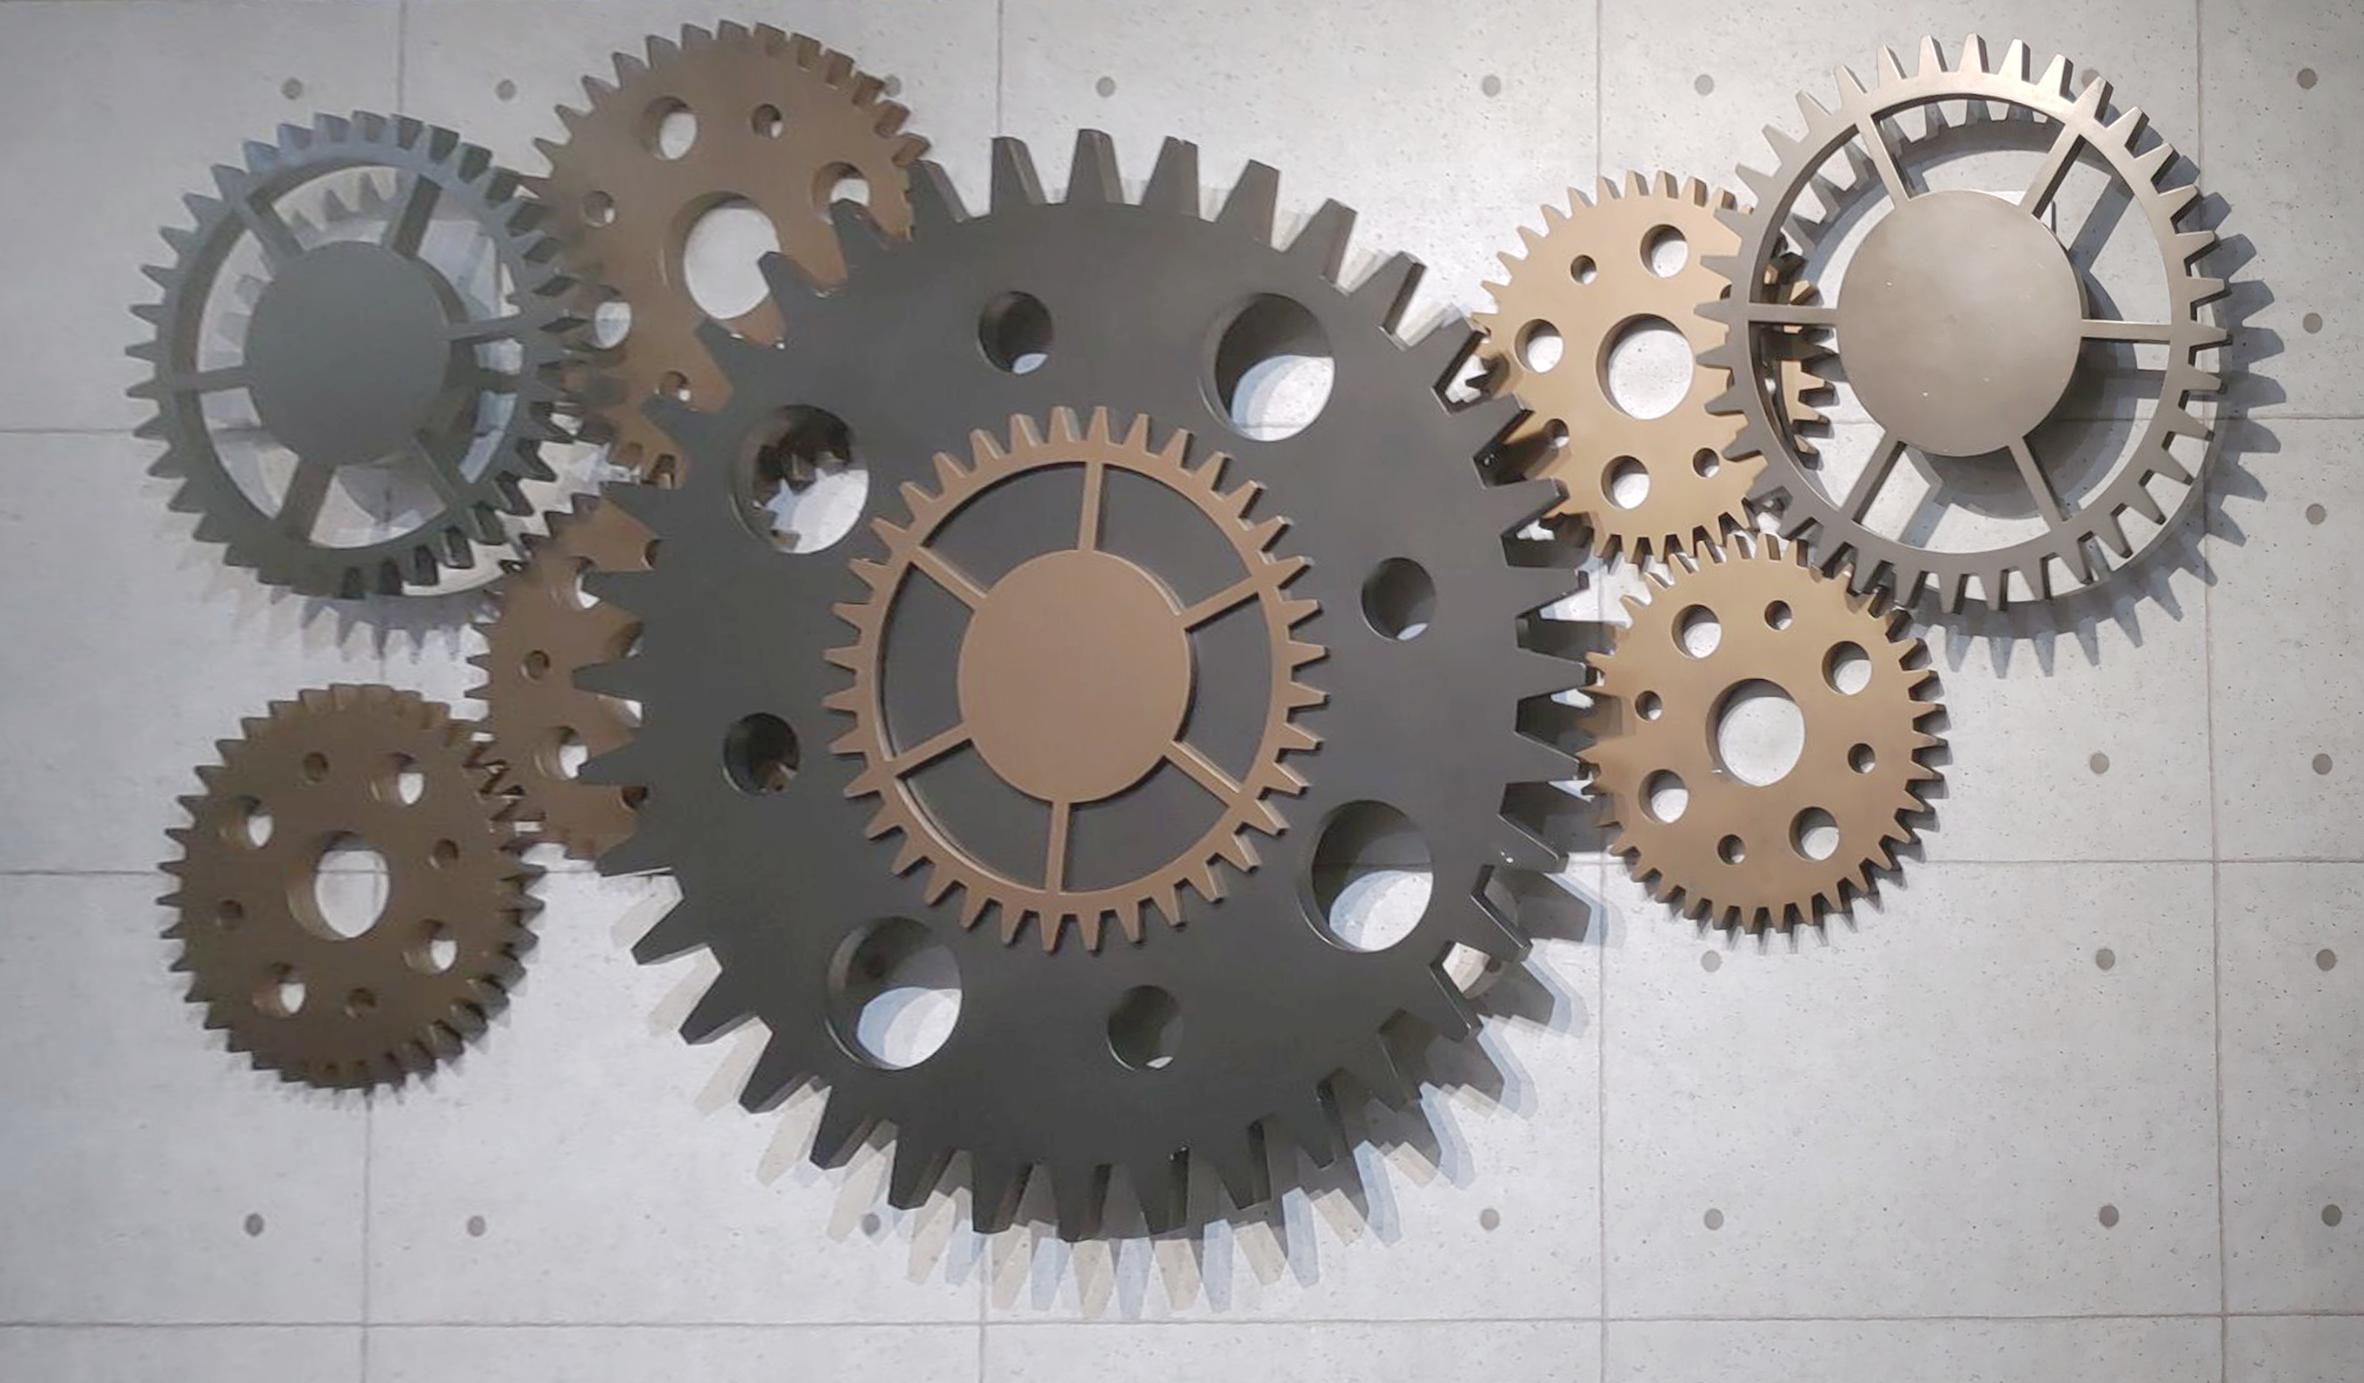 祥儀企業以齒輪起家,此圖為祥儀「機器人夢工廠」入口齒輪牆